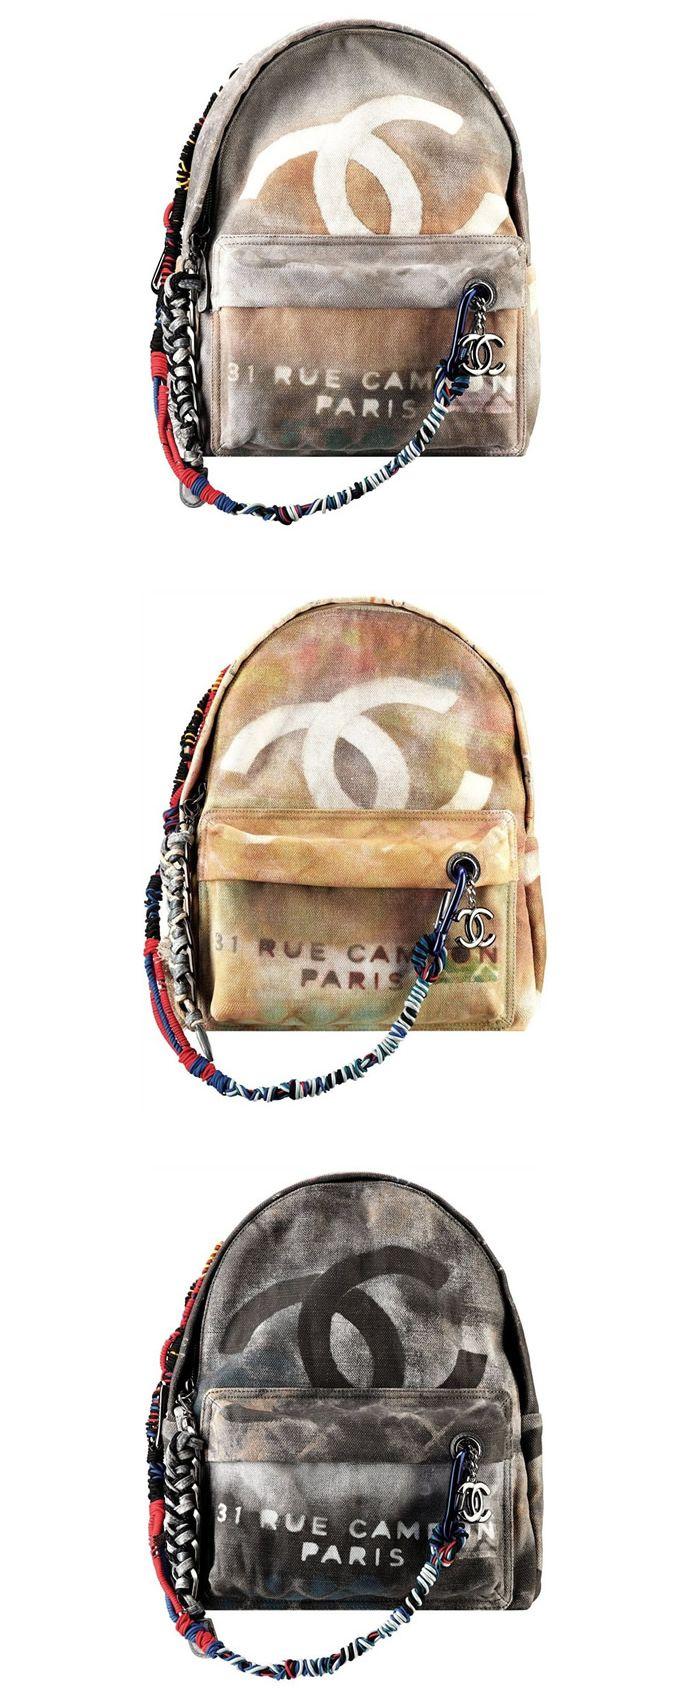 Chanel Backpacks 2014